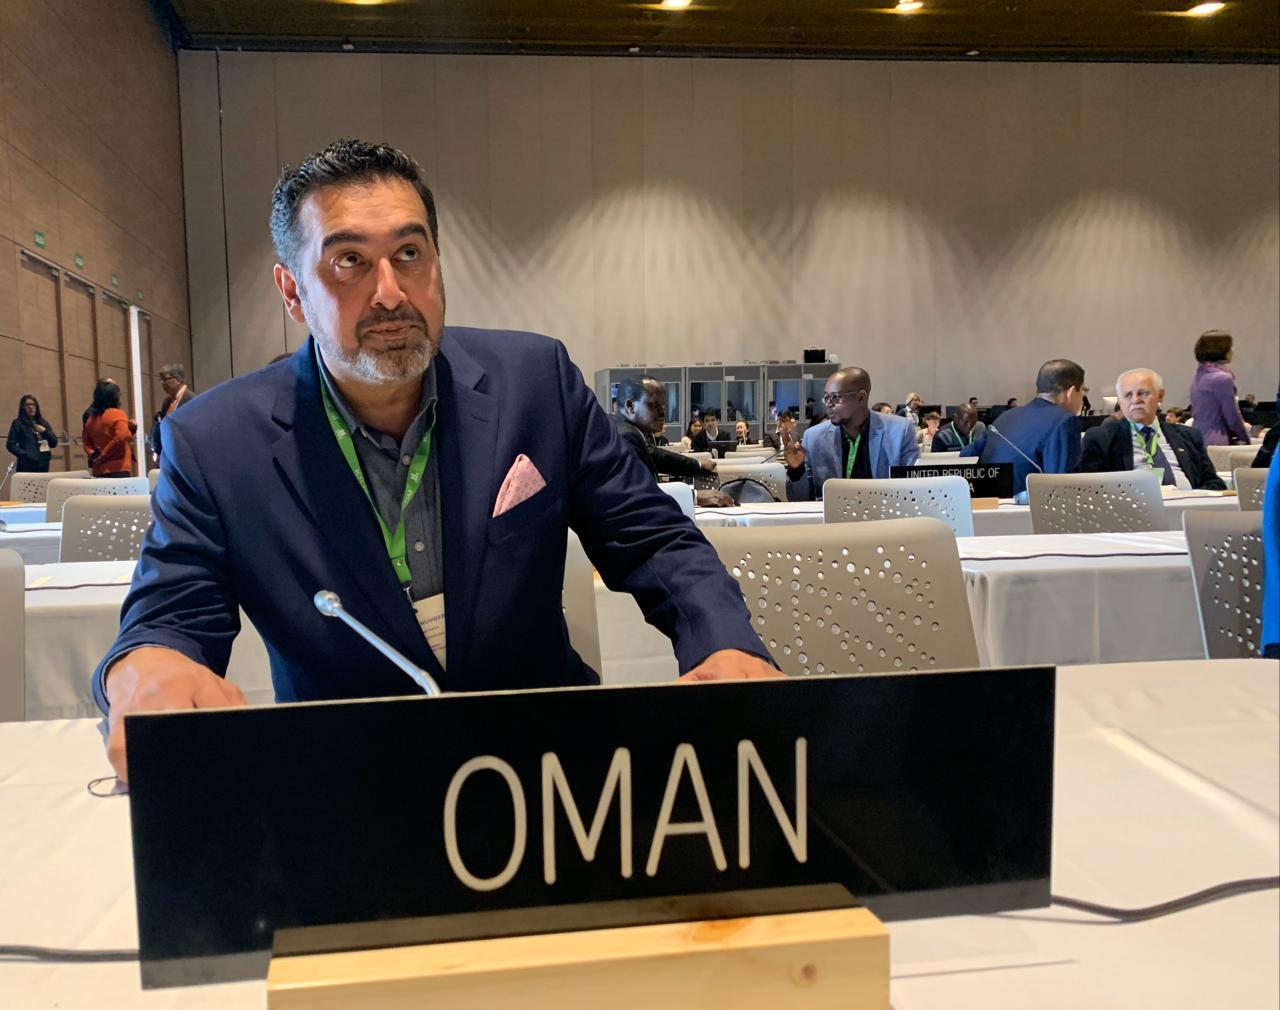 لجنة خبراء التقييم باليونسكو تختار السيد سعيد بن سلطان البوسعيدي رئيساً